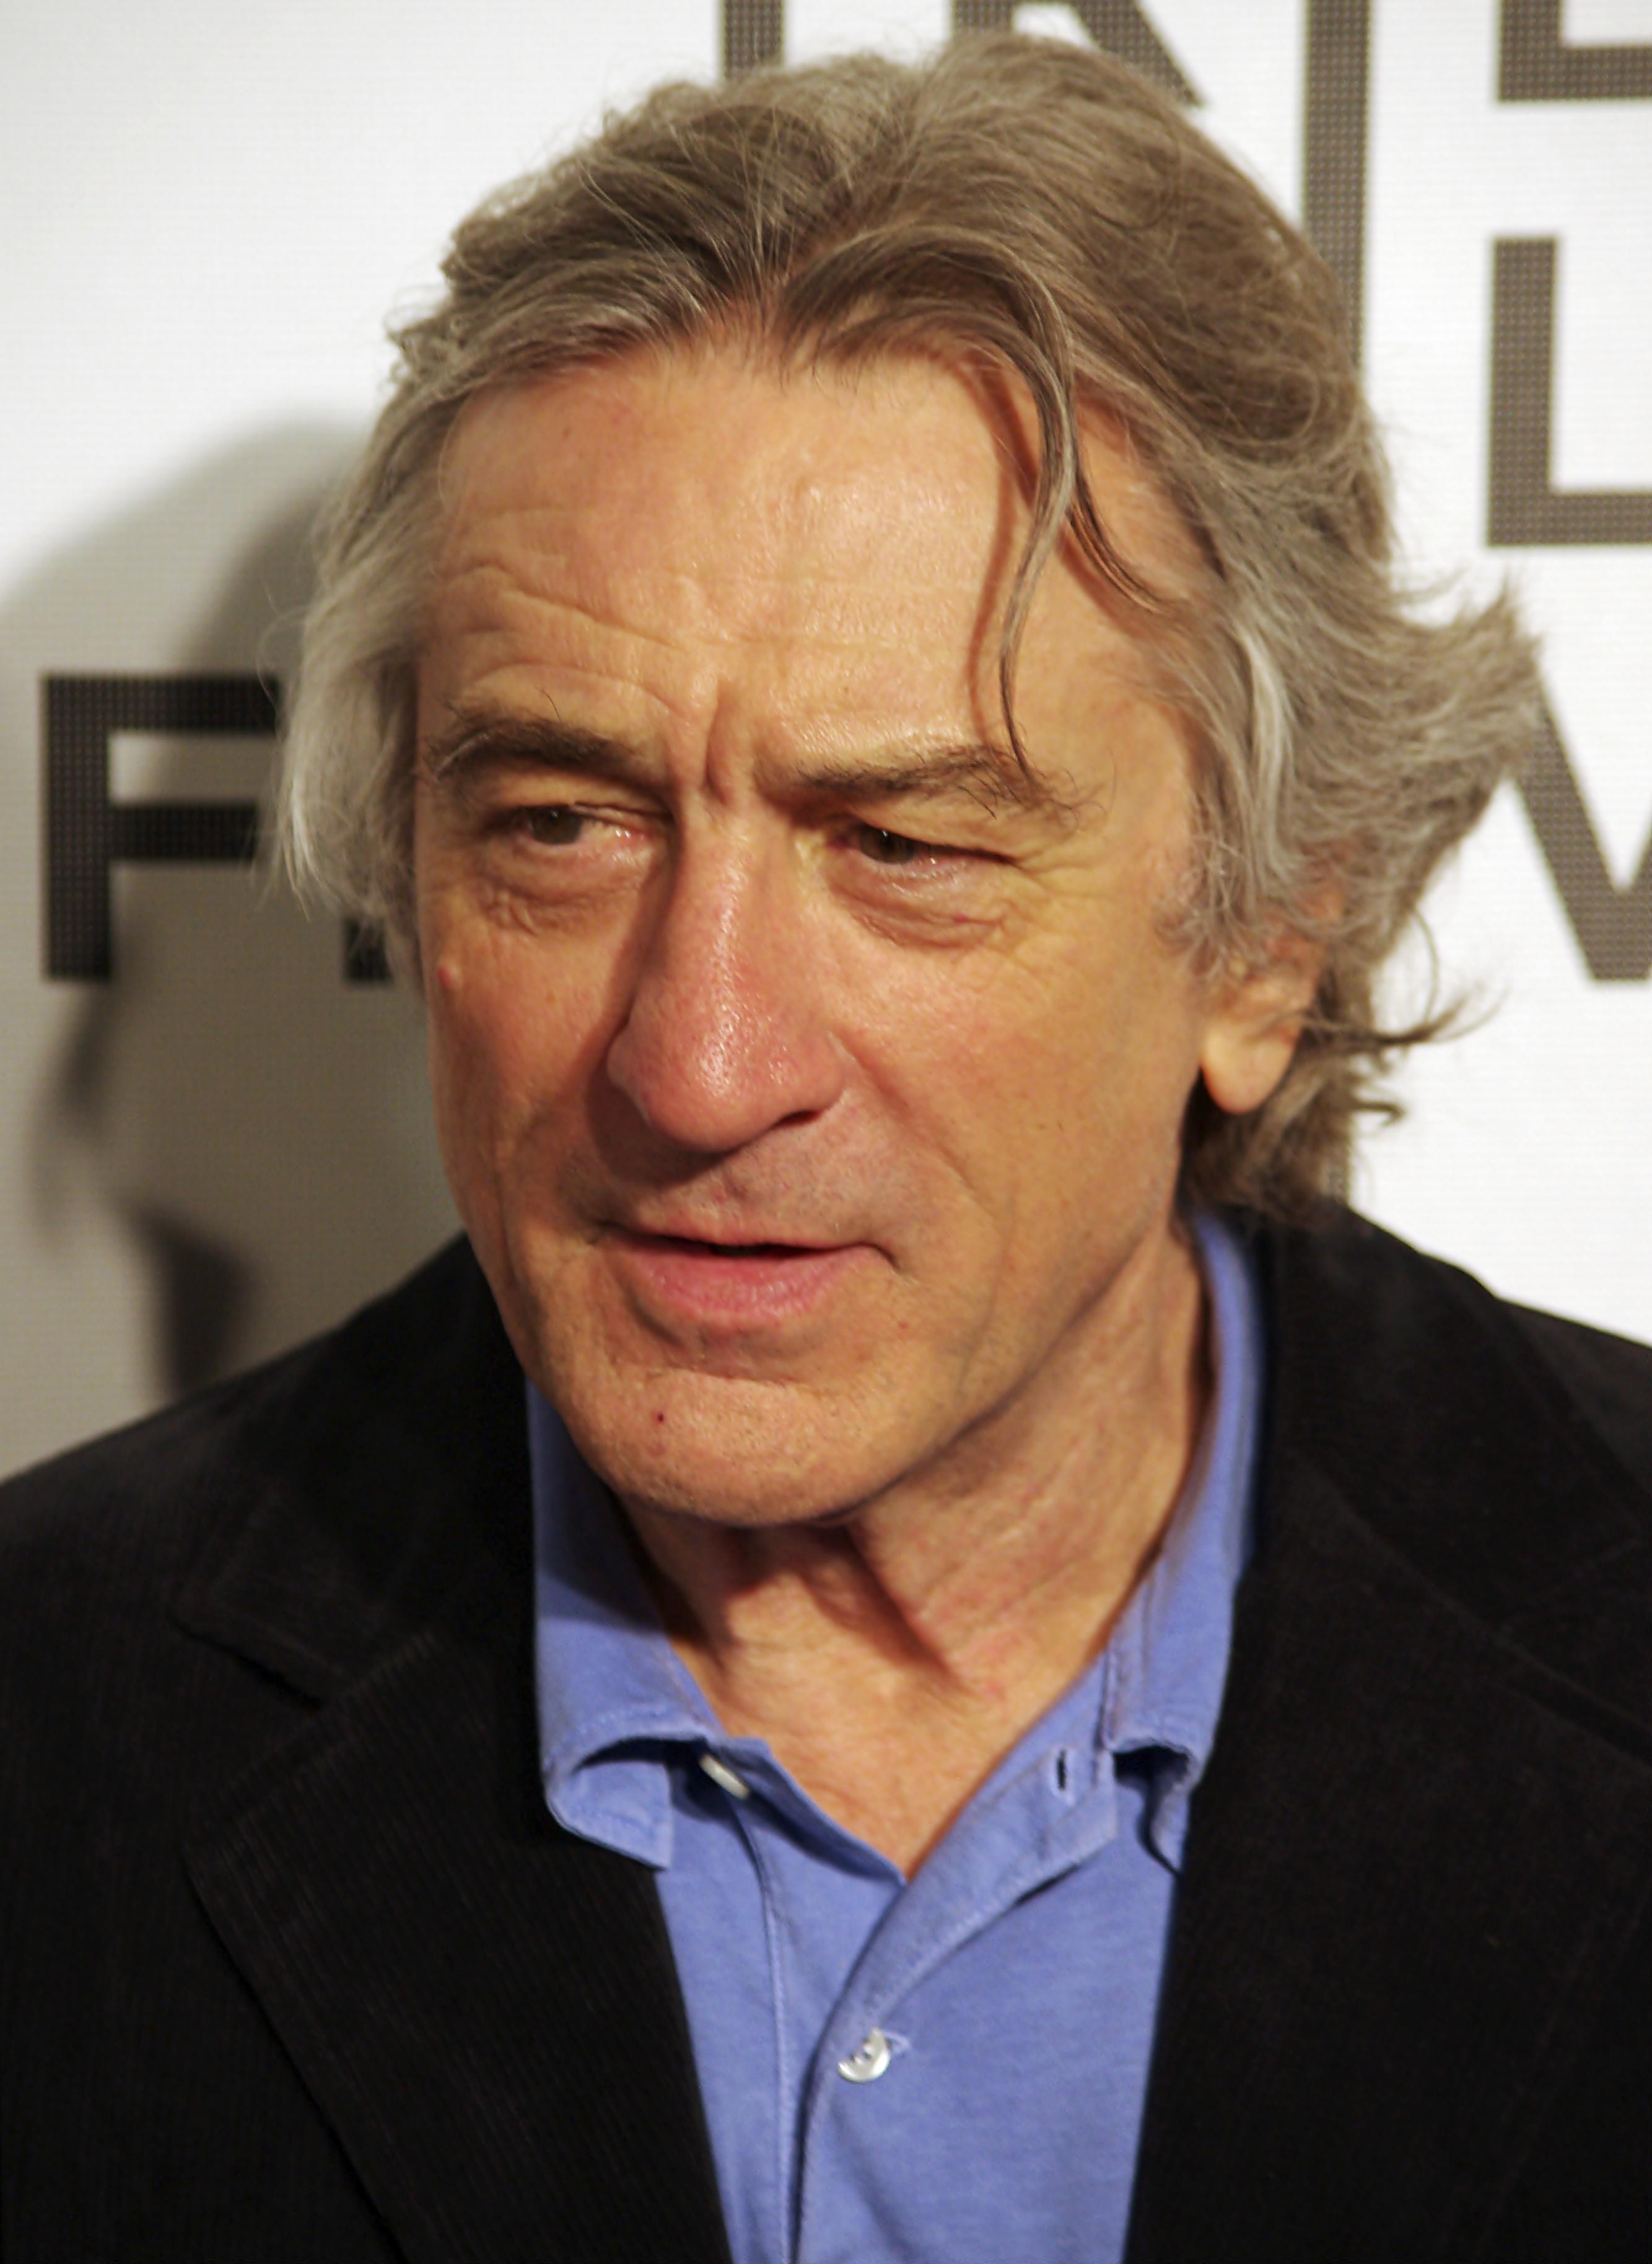 File:Robert De Niro 20...